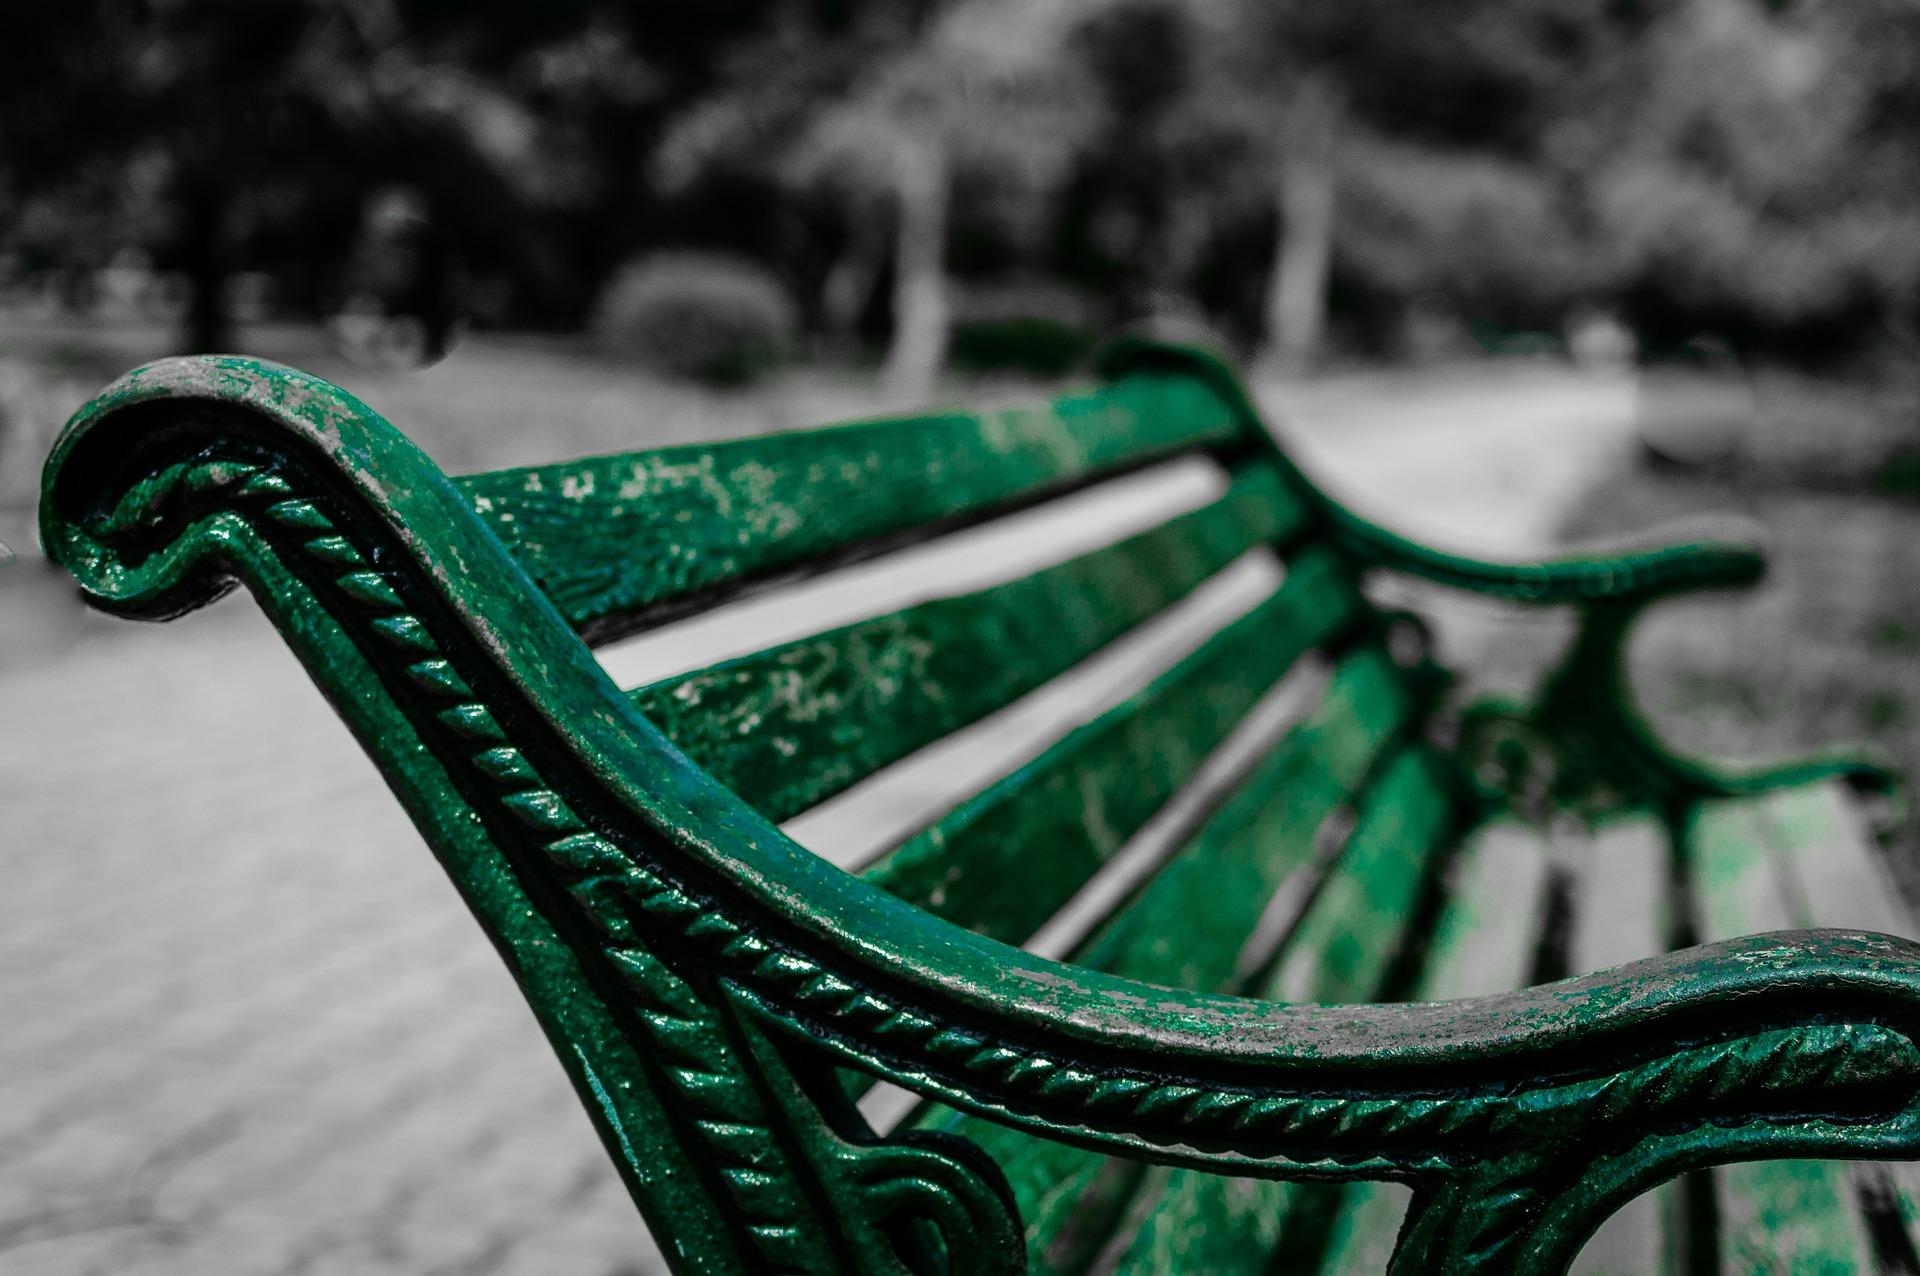 Банк, Парк, сиденья, Отдых, спокойствие, расслабиться - Обои HD - Профессор falken.com